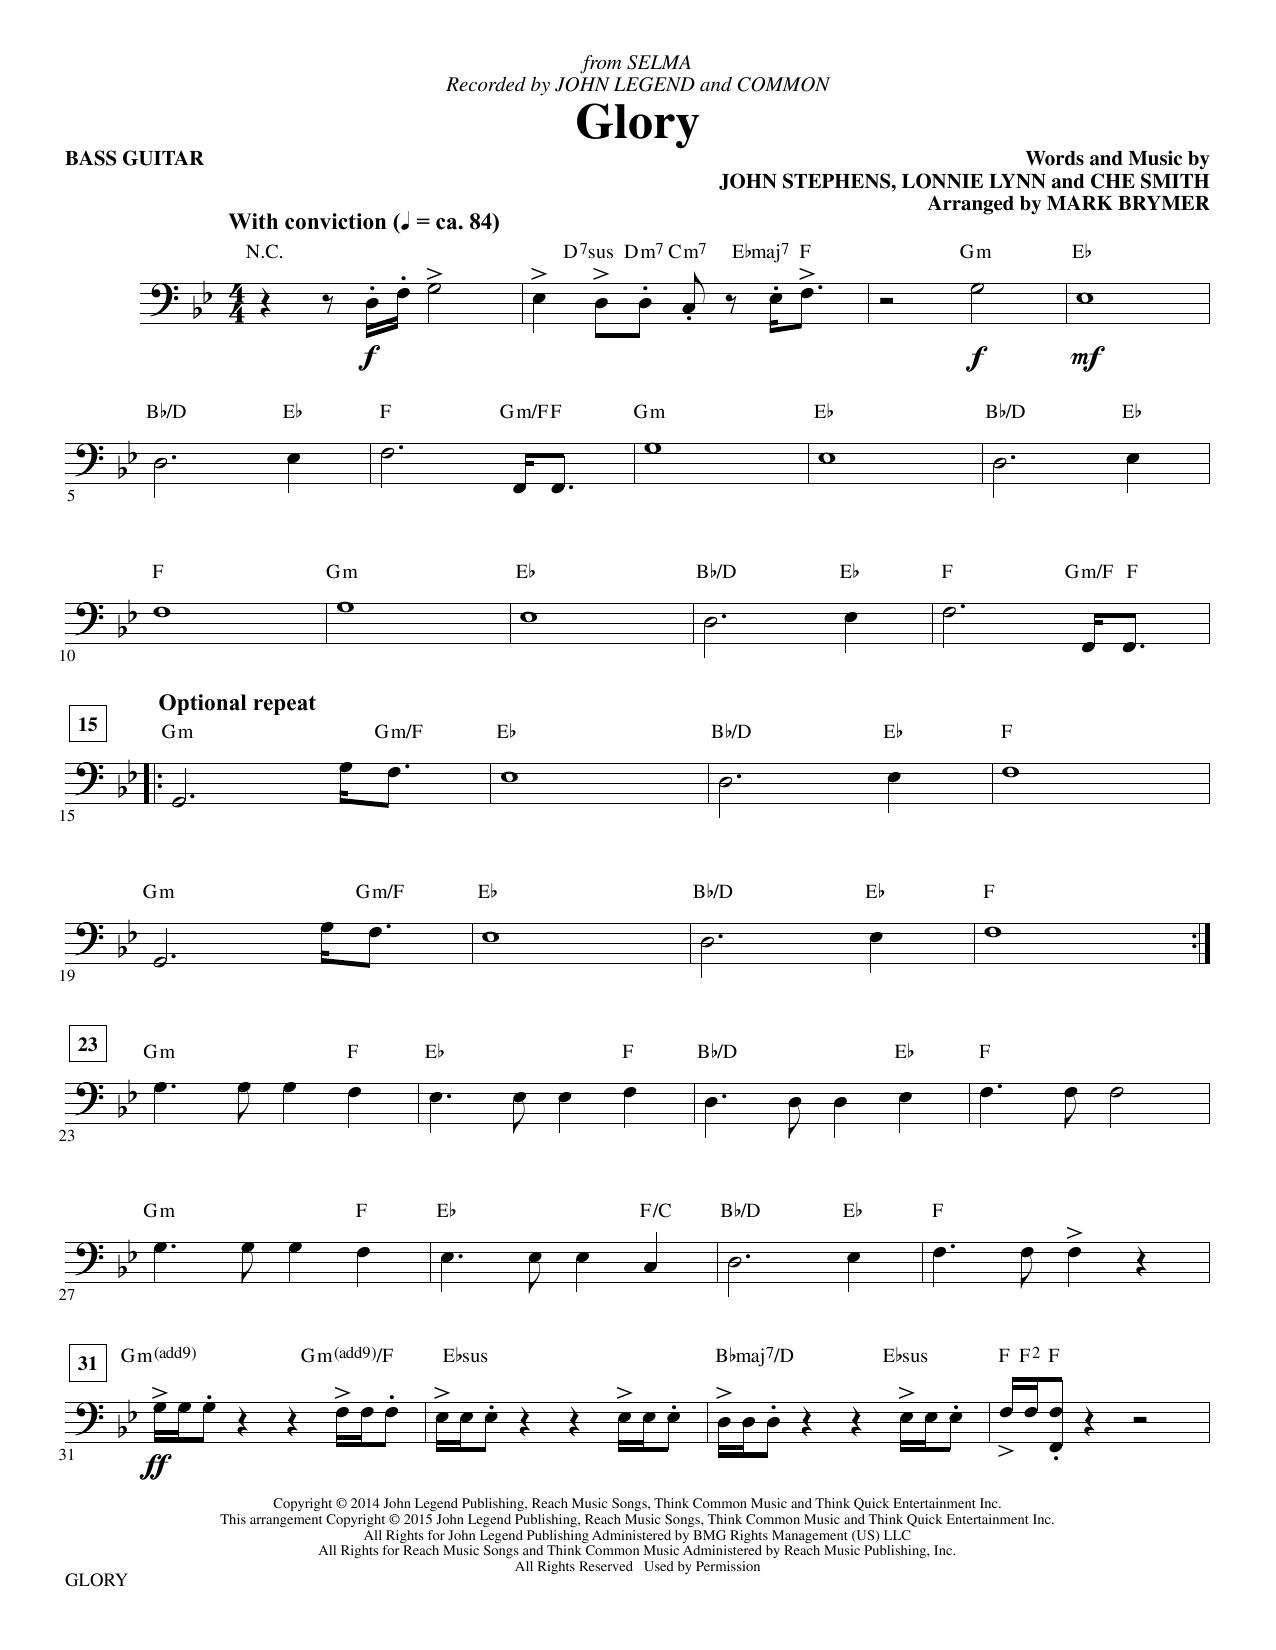 Glory - Electric Bass sheet music